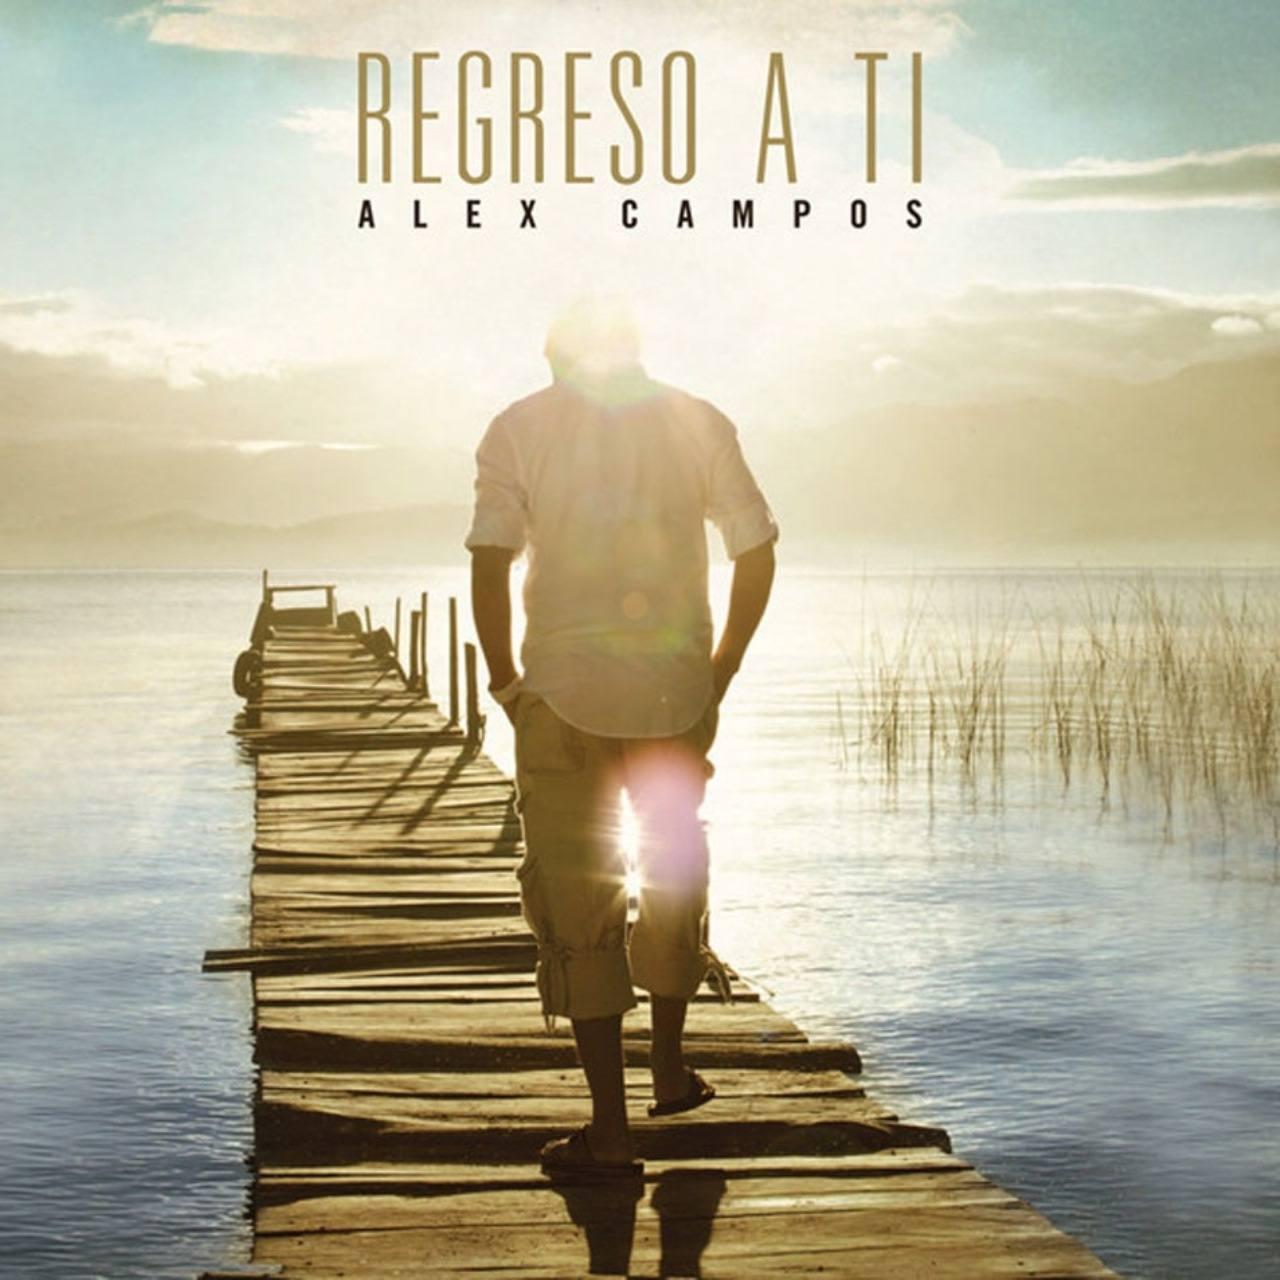 Carátula álbum Regreso a Ti, de Alex Campos